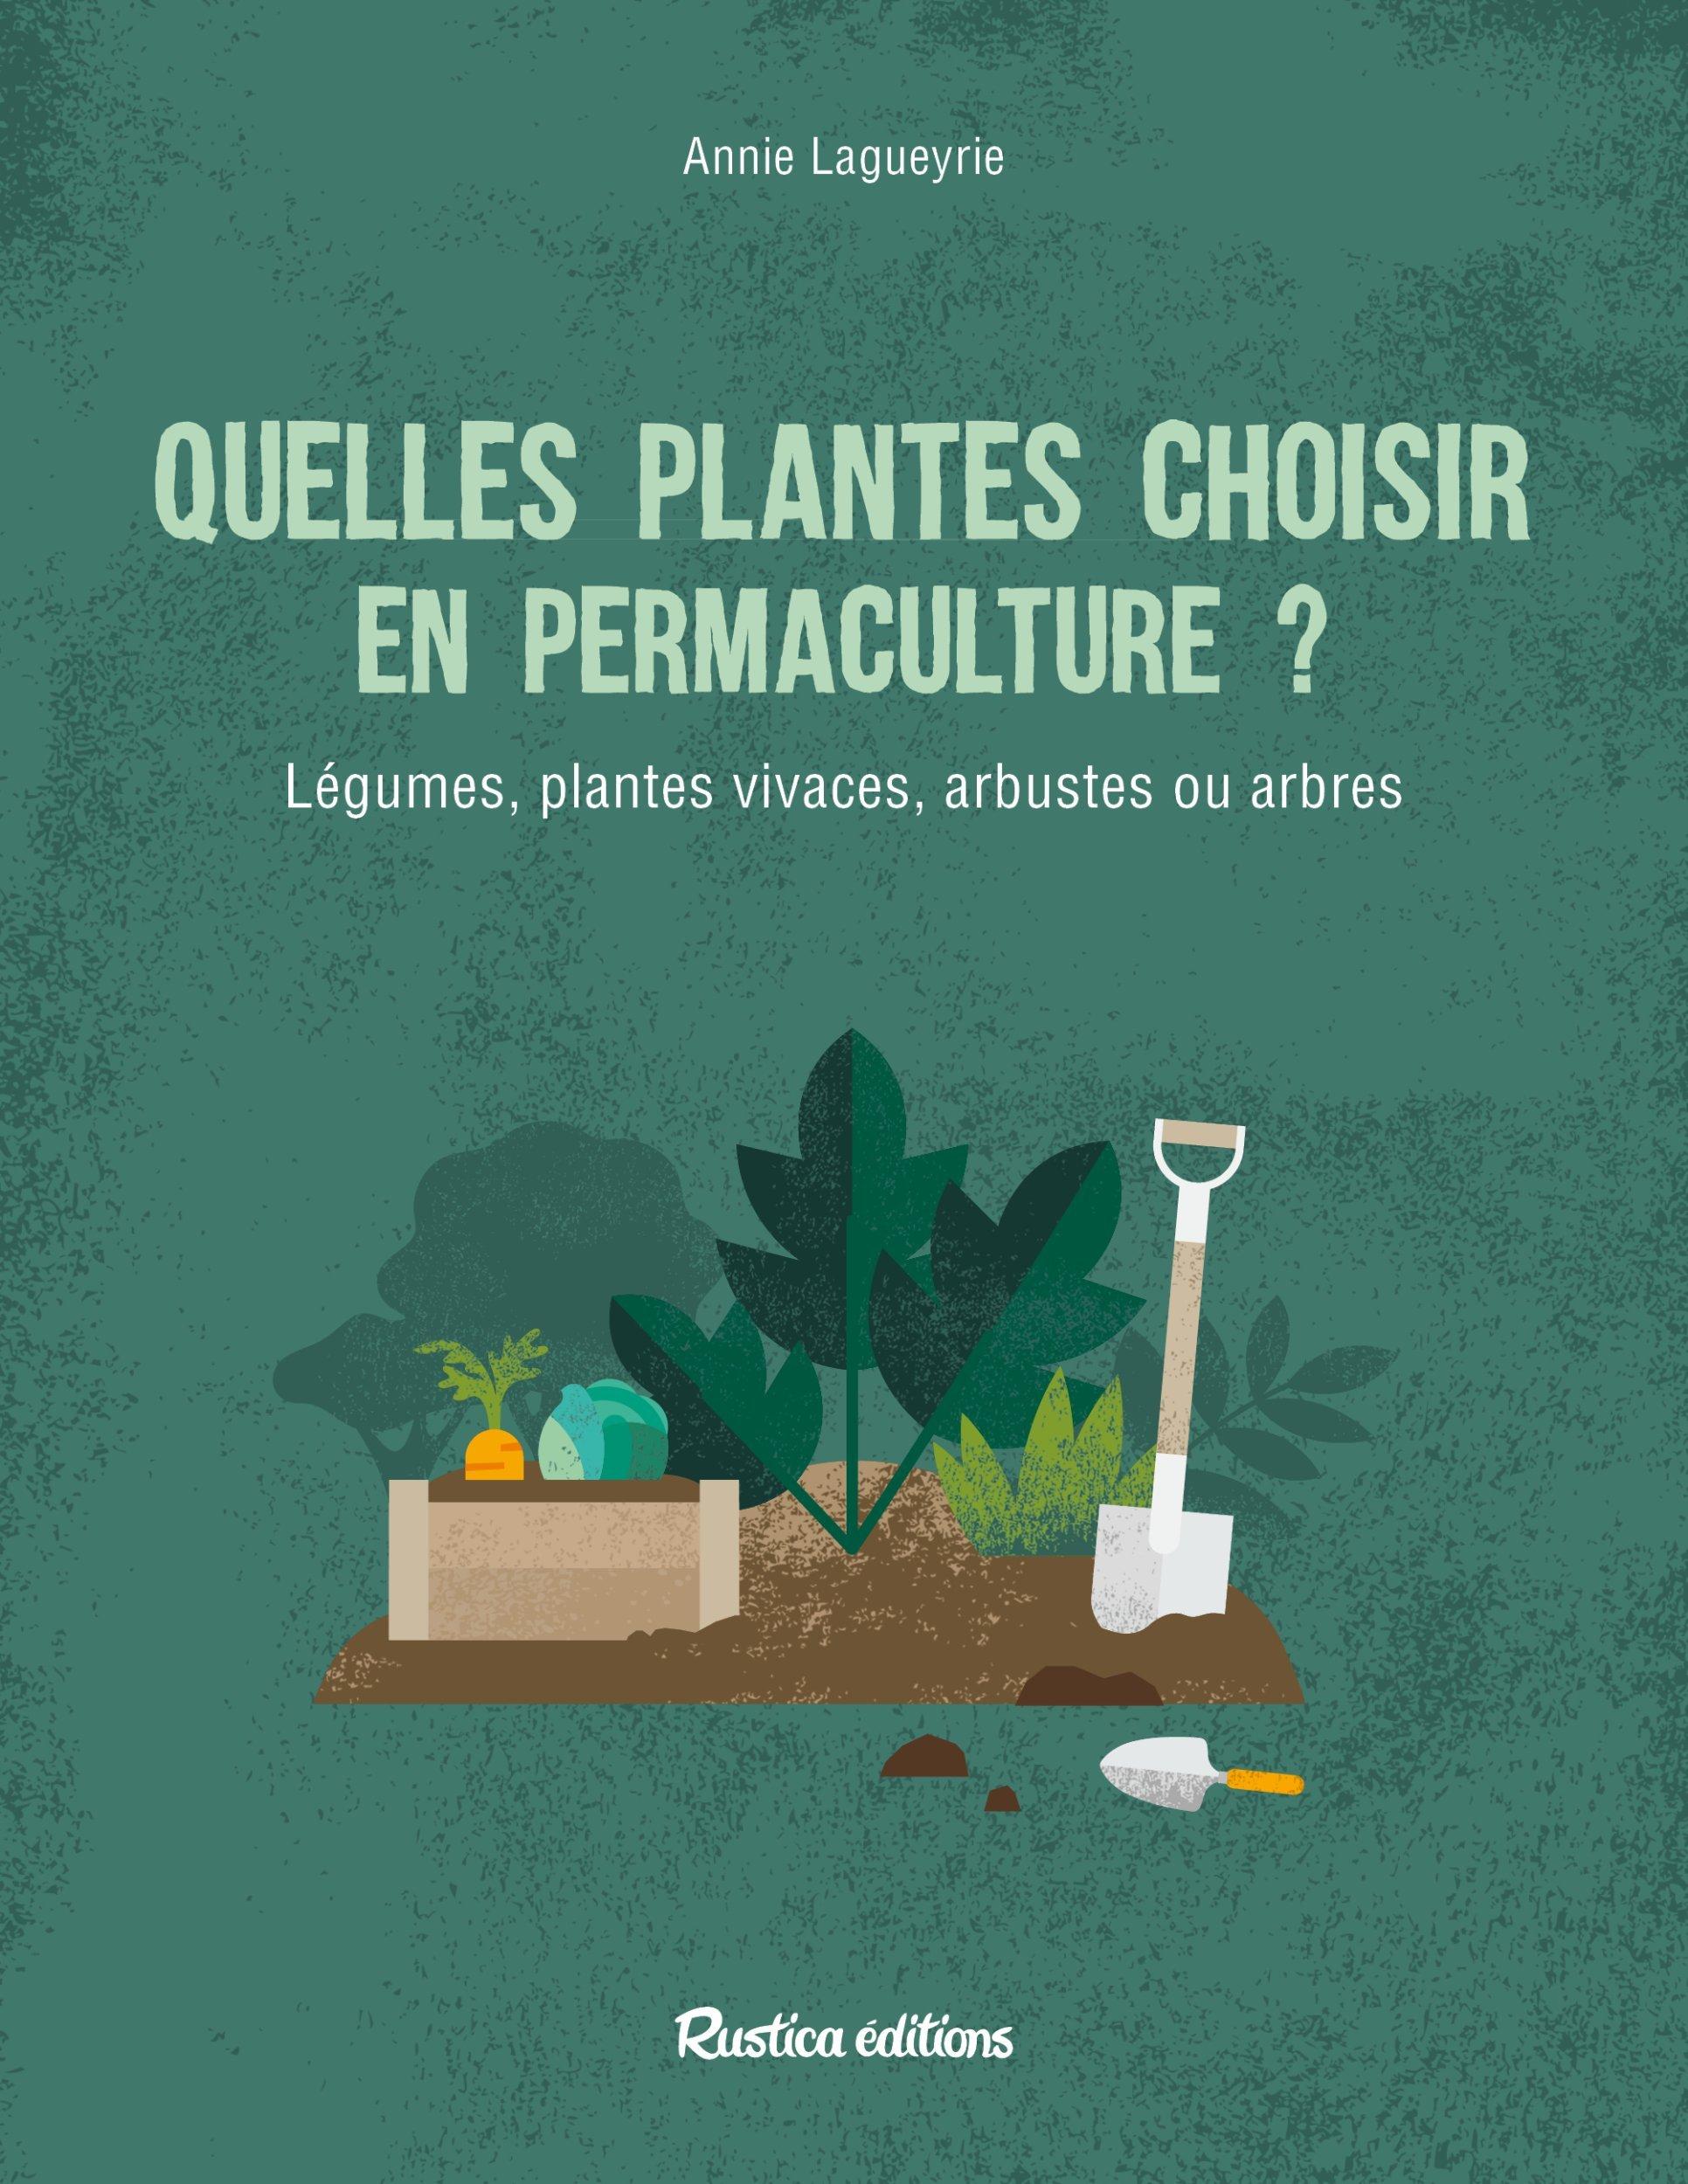 QUELLES PLANTES CHOISIR EN PERMACULTURE ?